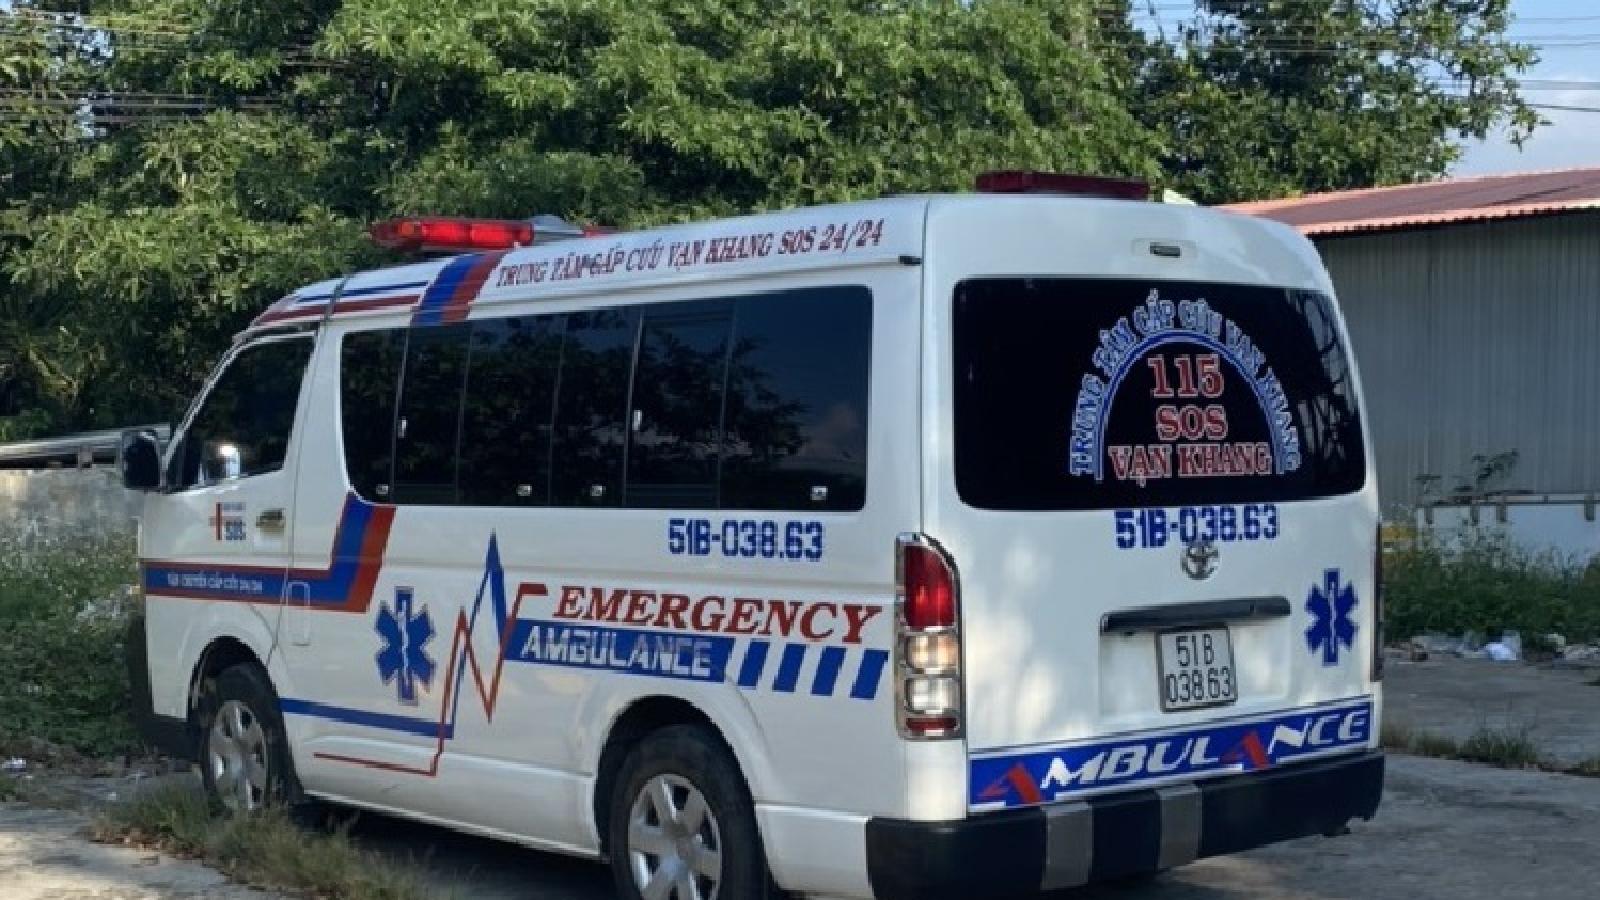 Liên tục phát hiện xe cứu thương chở người trái phép từ vùng dịch về Bình Thuận